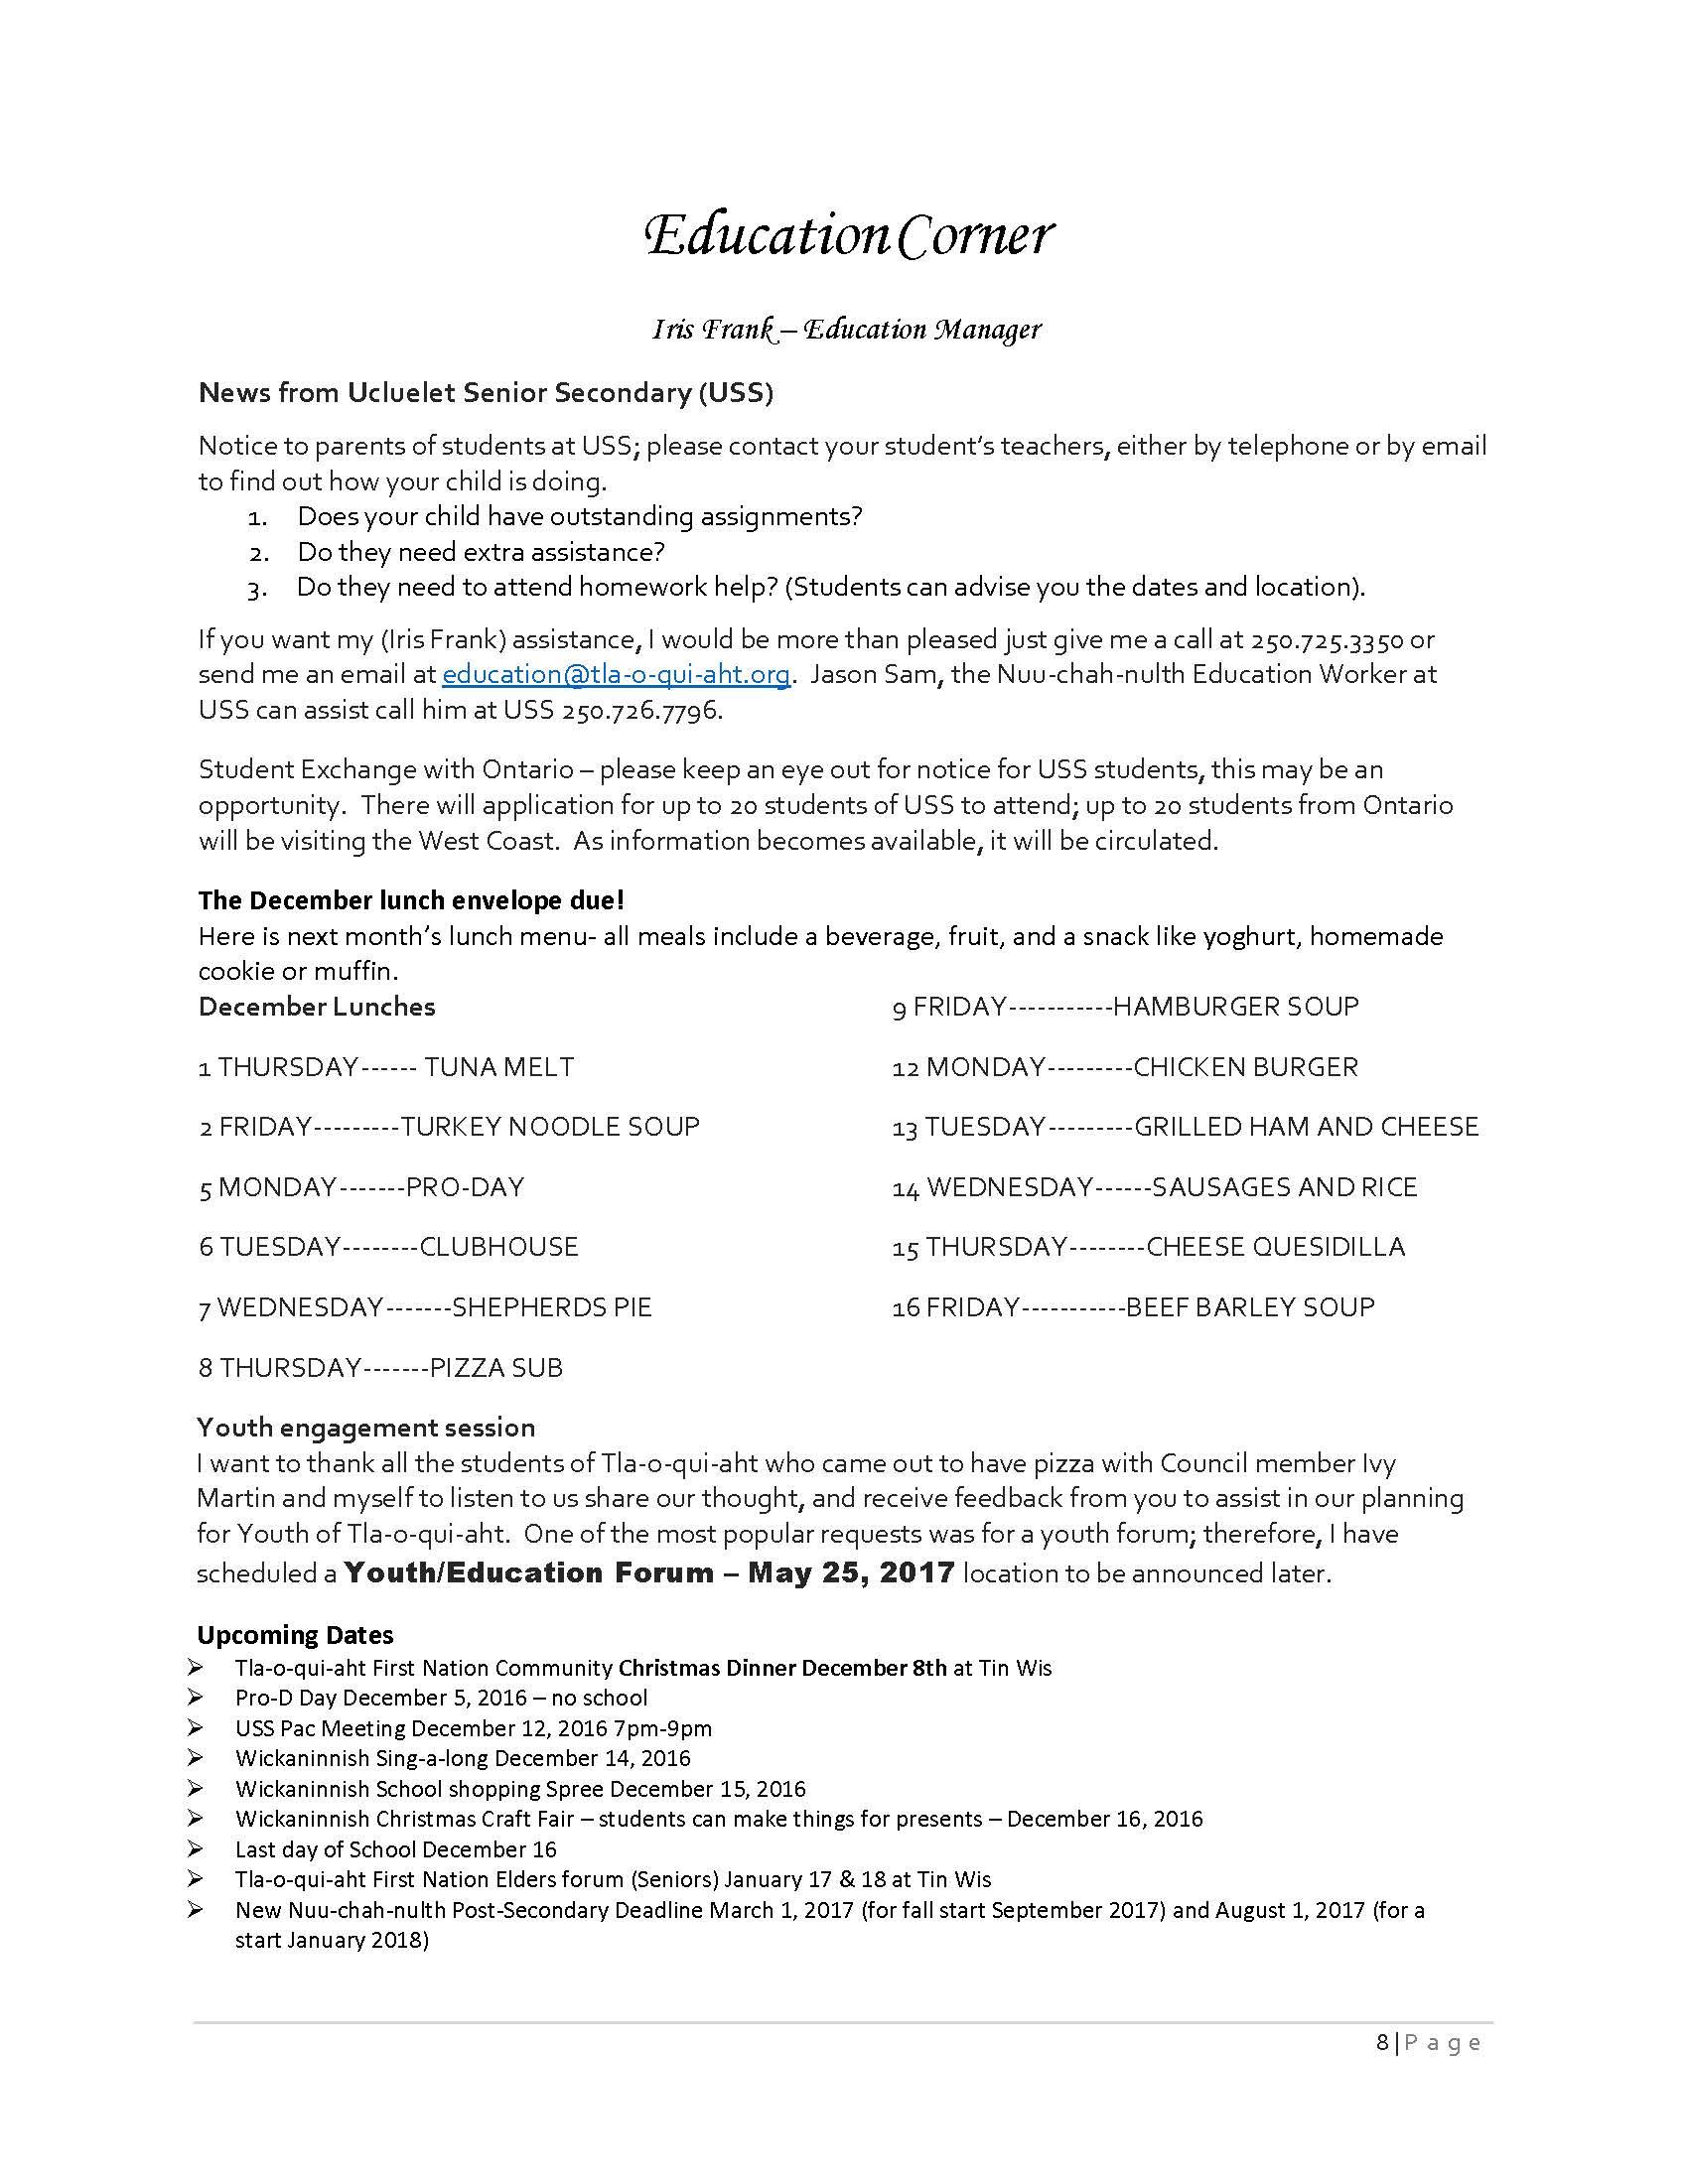 TFN Bulletin Dec 01 2016 (3)_Page_08.jpg